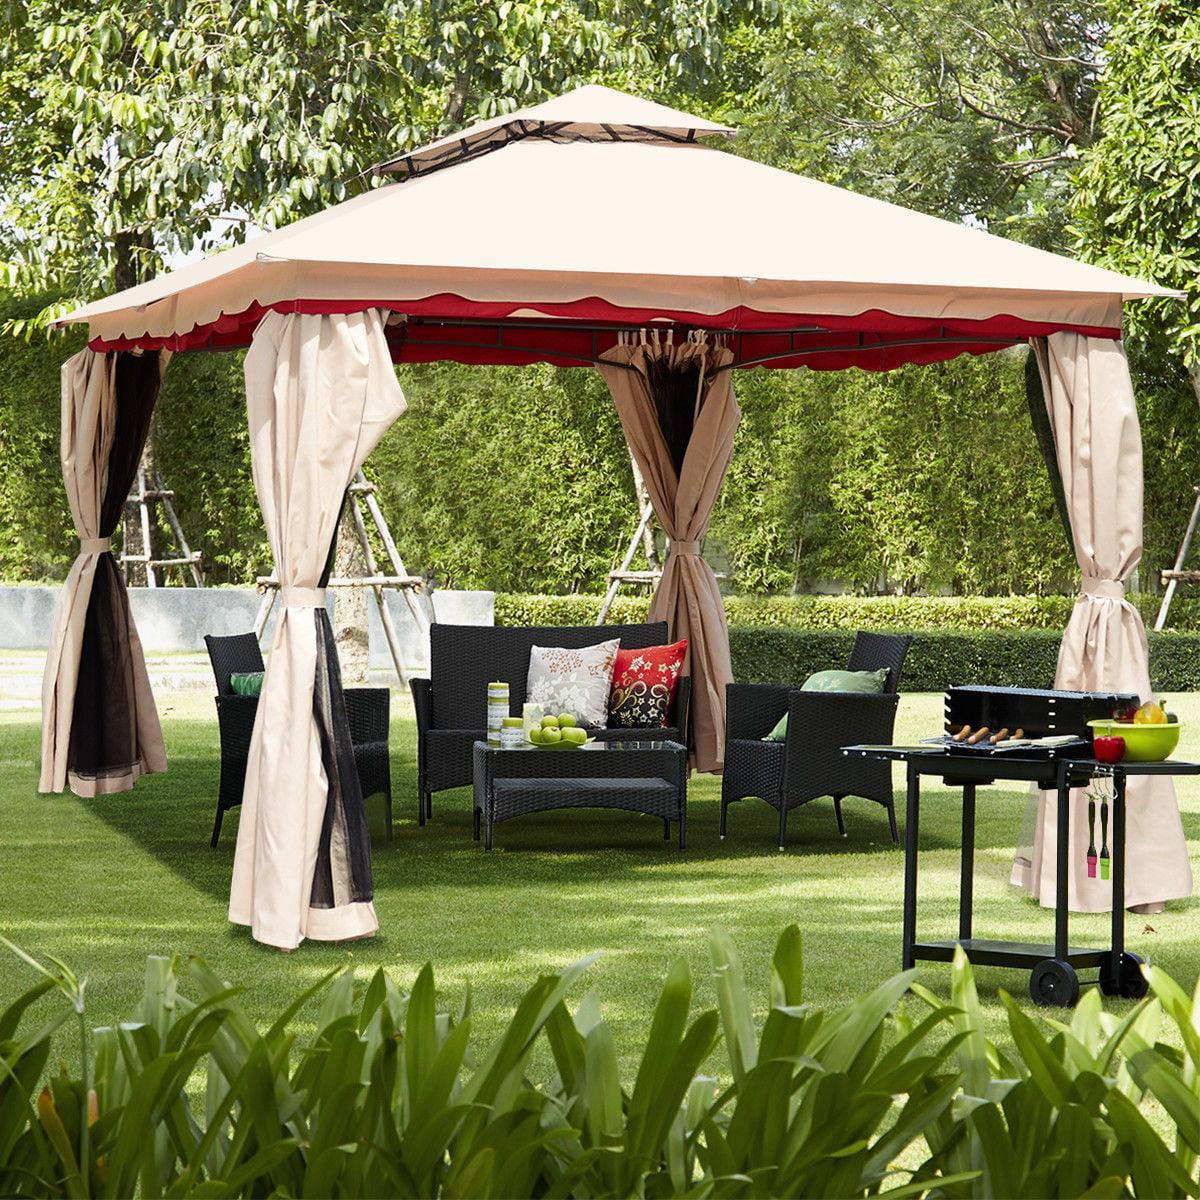 Gymax 13'x10'Outdoor Canopy Gazebo Art Steel Frame Party Patio Canopy Gazebo W/Netting